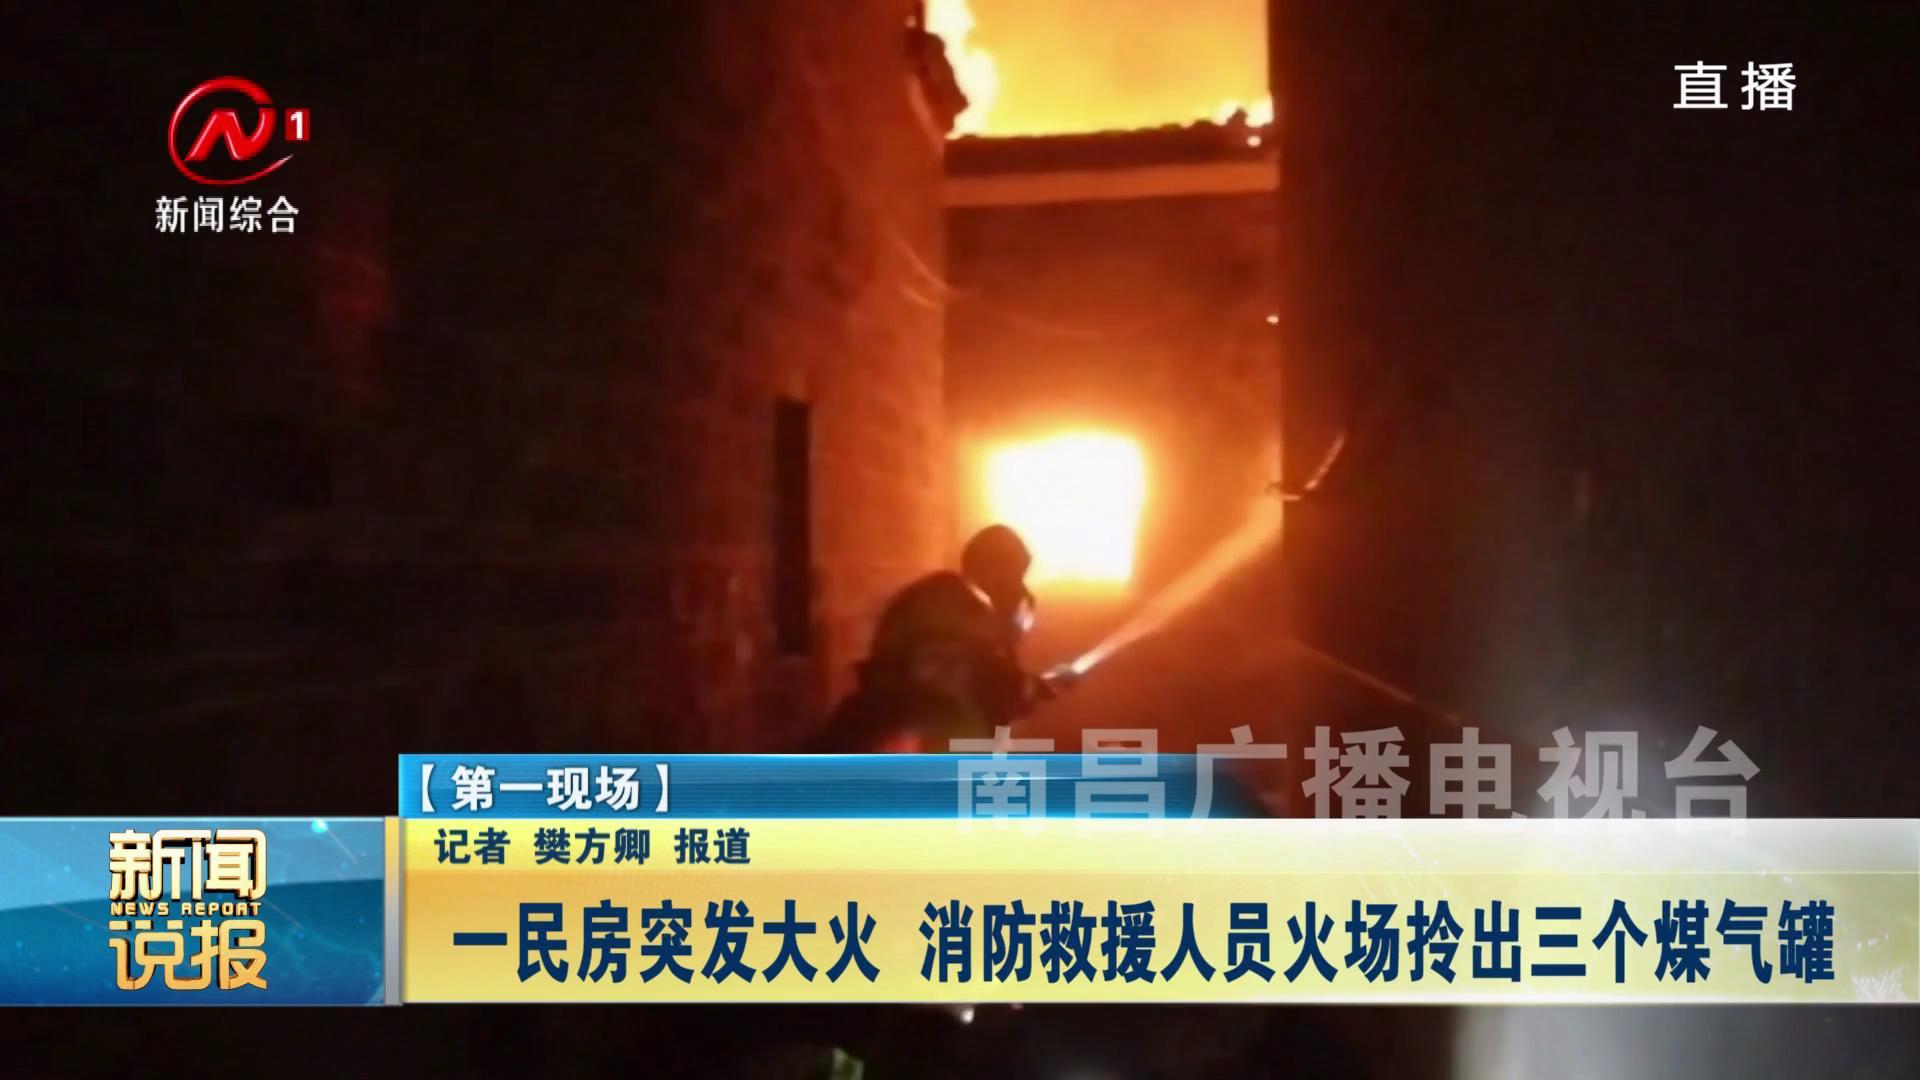 一民房突发大火 消防员火场拎出三个煤气罐